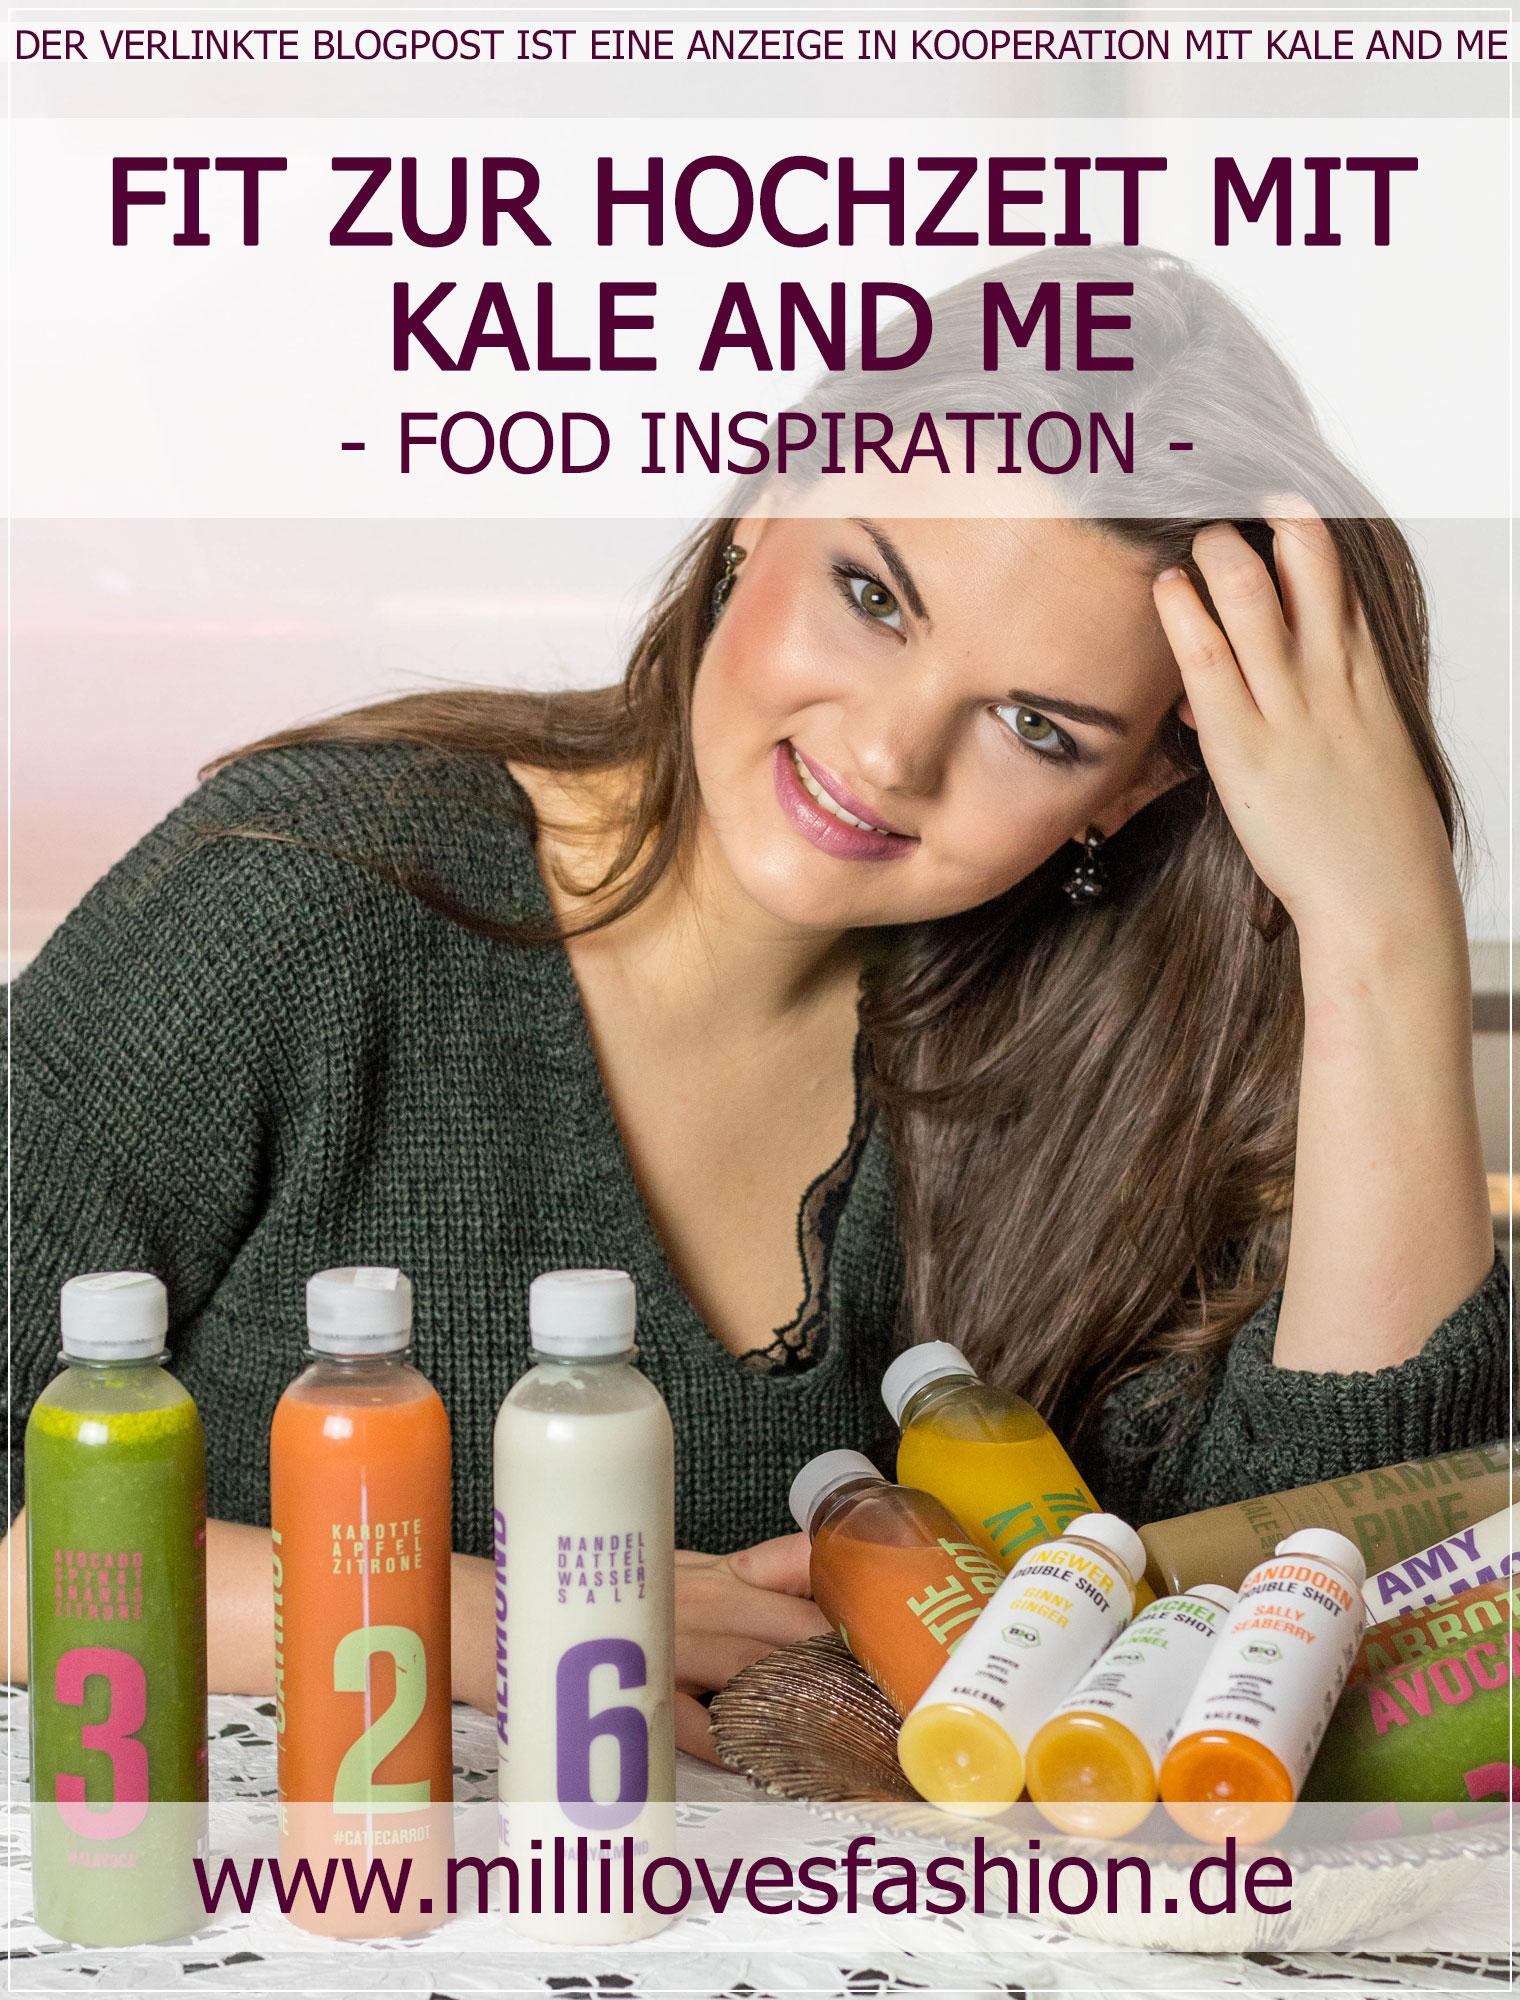 Saftkur, Kale and Me, Hamburger Start-Up, kaltgepresste Säfte, Fit zur Hochzeit, gesunde Ernährung, Detox, Foodblogger, Ruhrgebiet, Bloggerfood